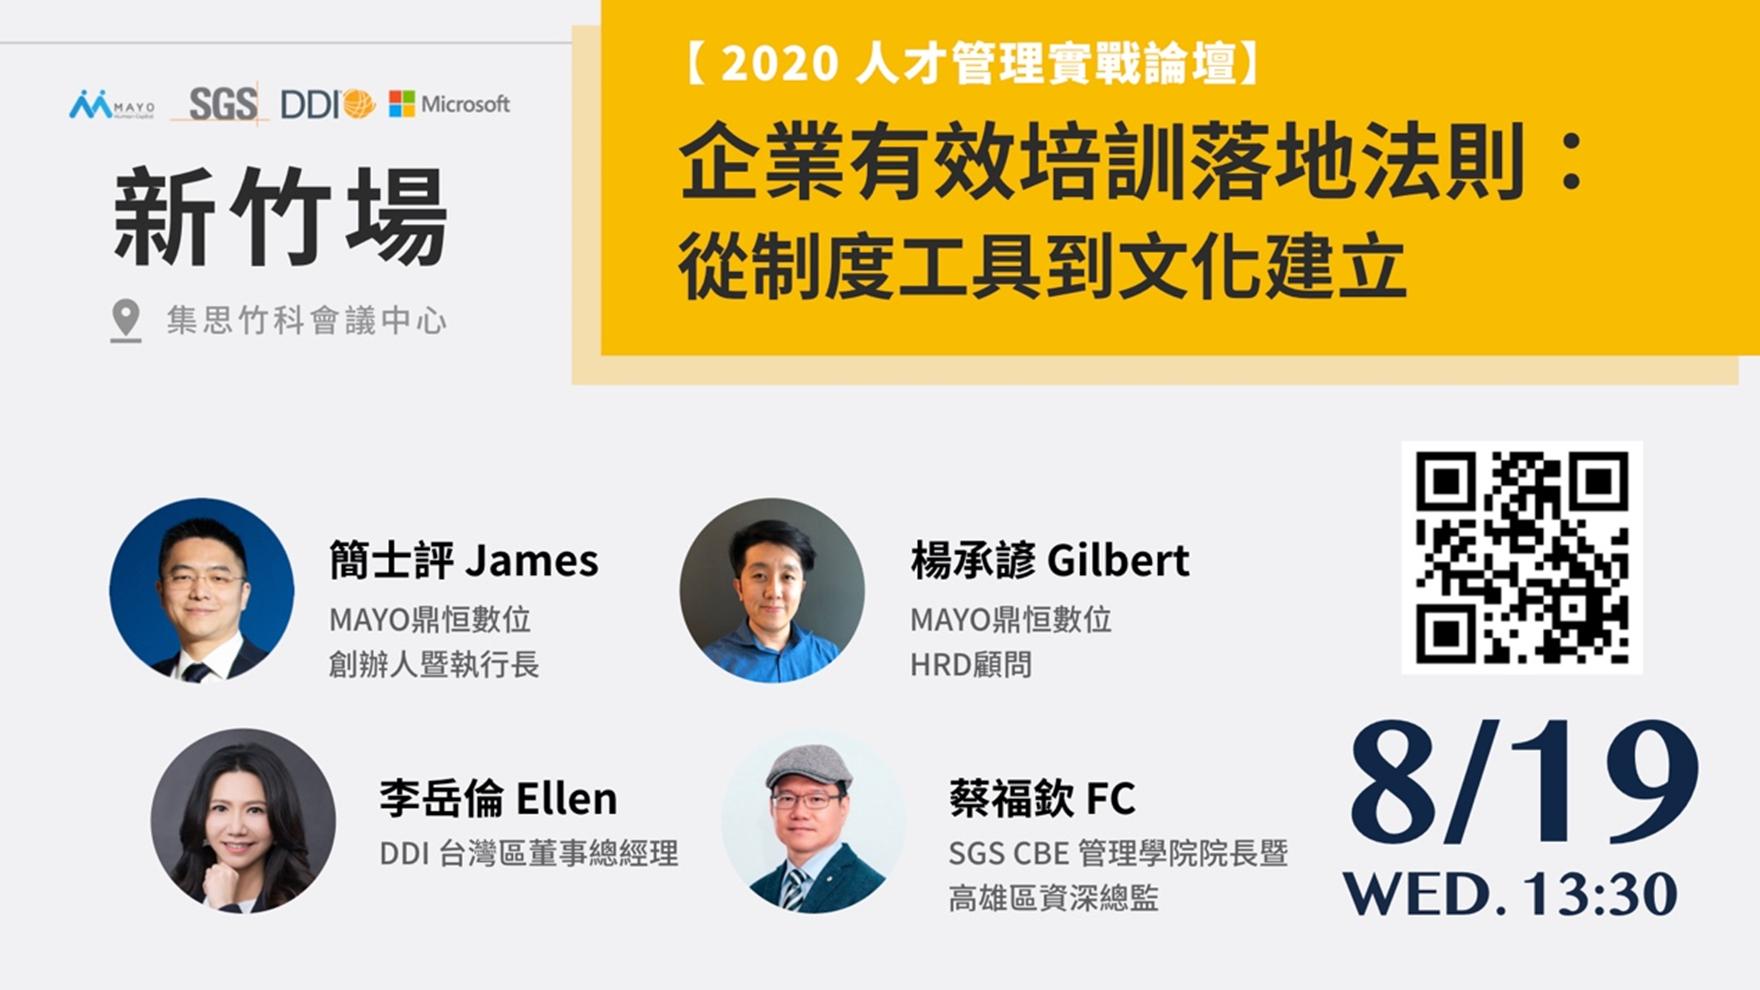 【2020 人才管理實戰論壇新竹場】企業有效培訓落地法則